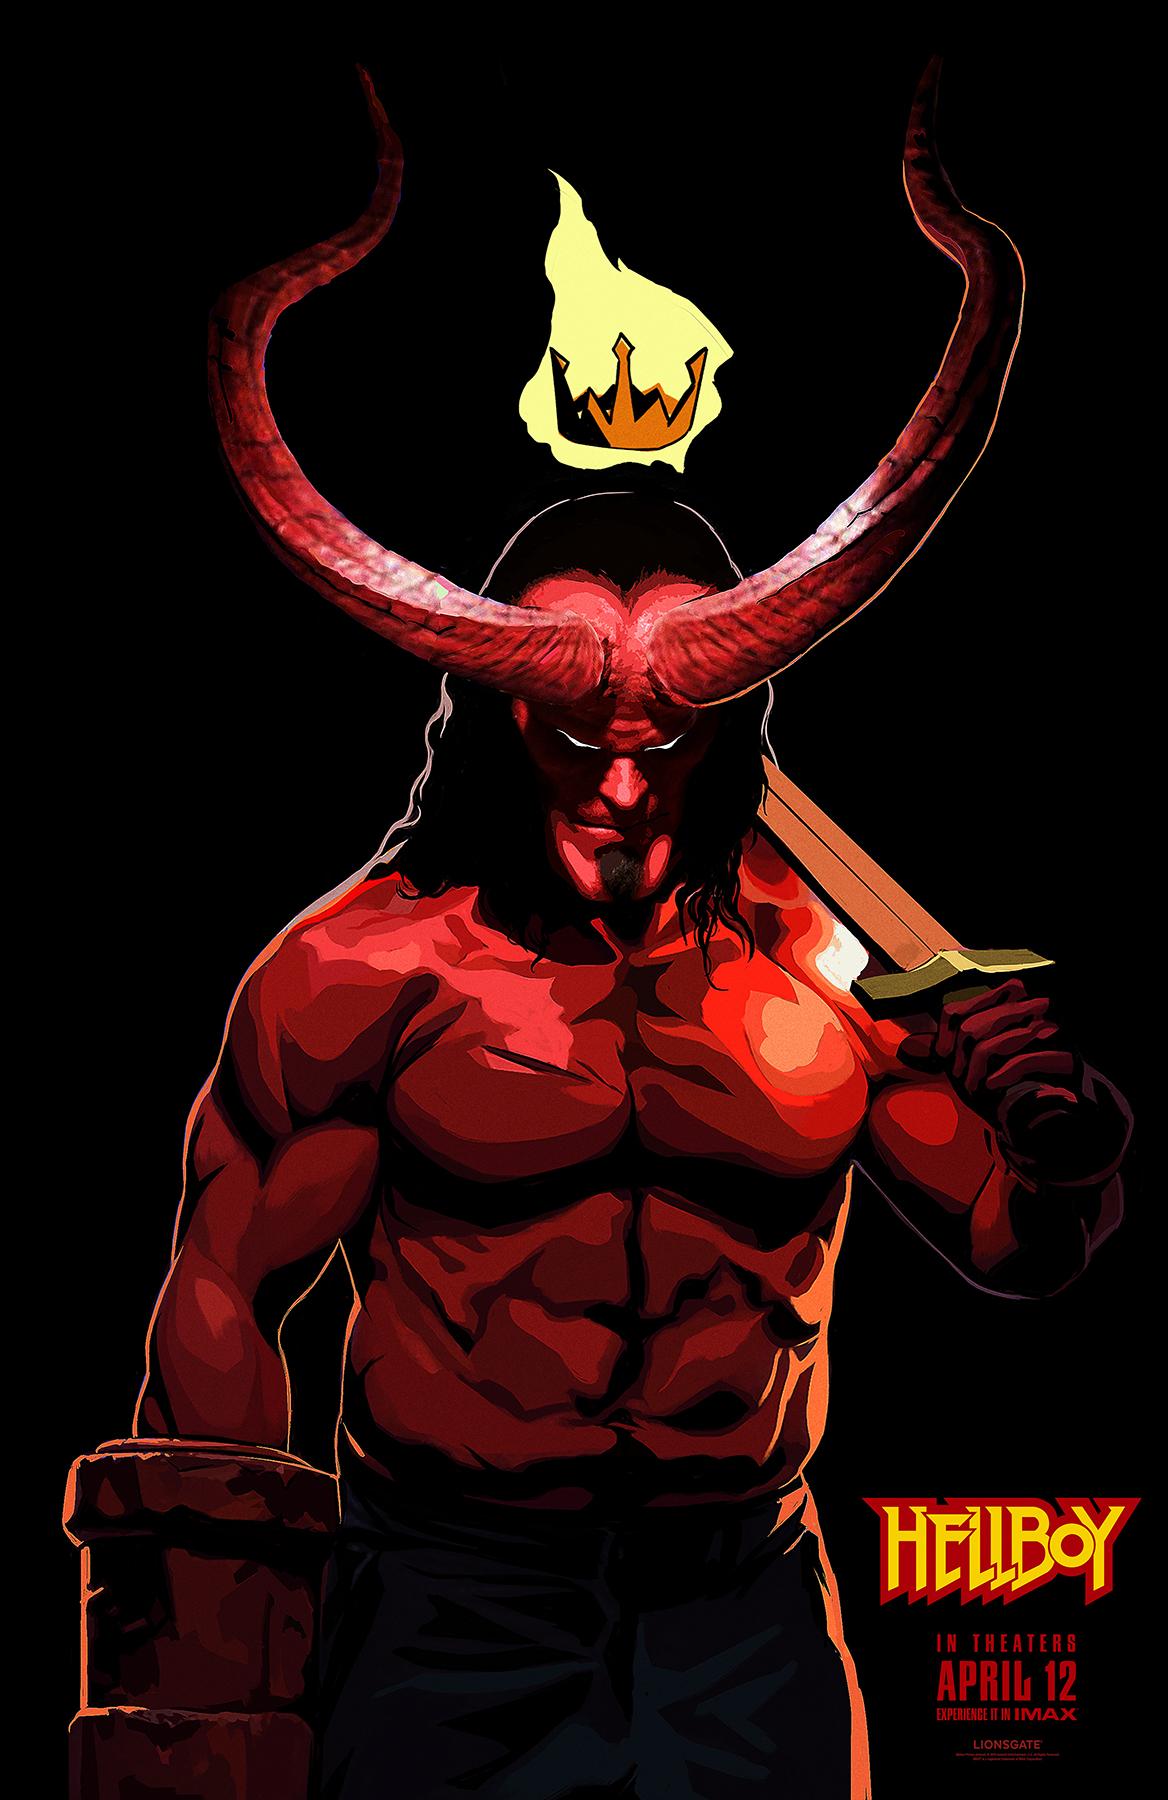 Hellboy_Comp109_FIN_24x37_100dpi.jpg